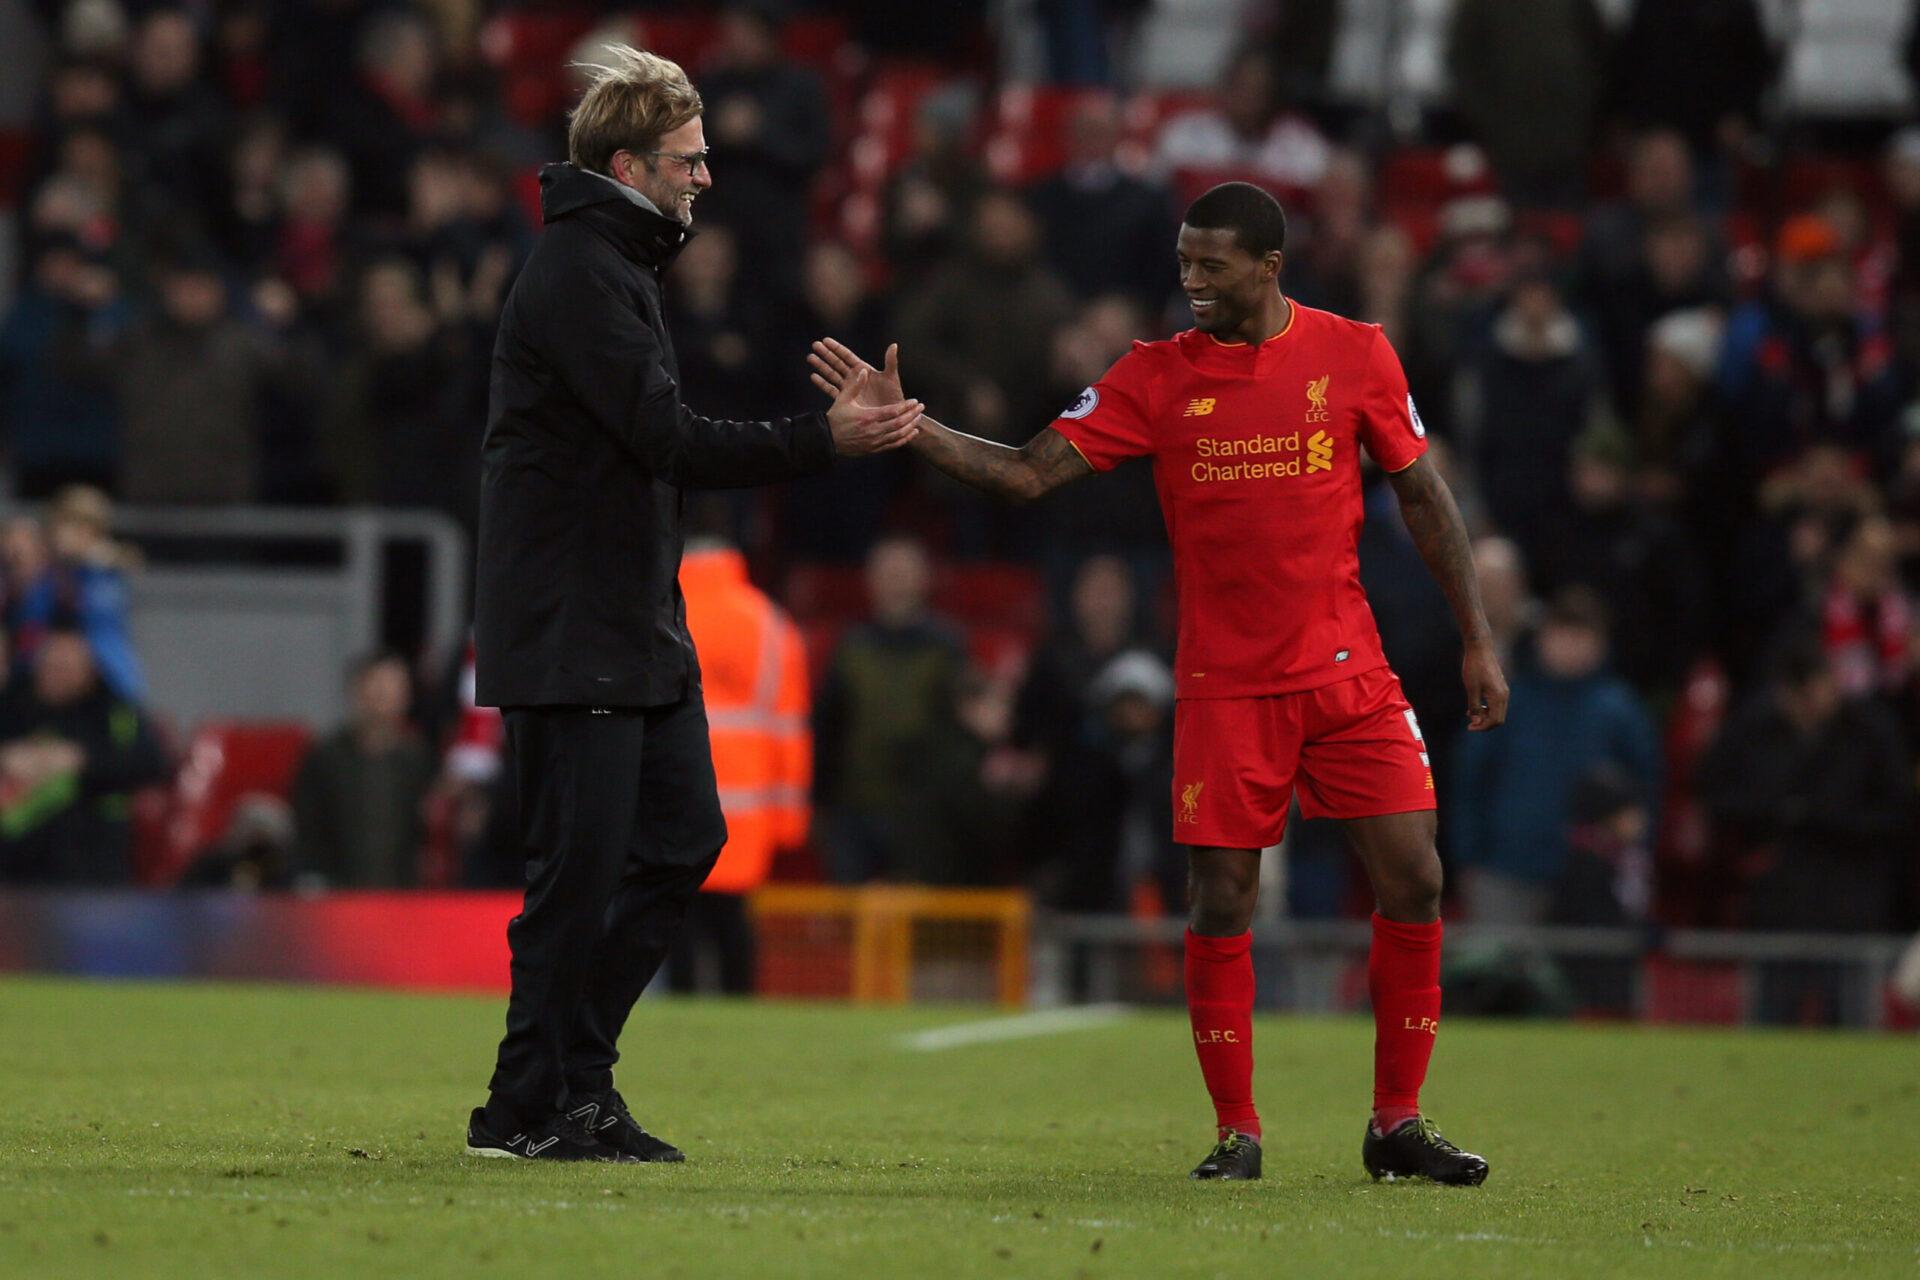 Jurgen Klopp aurait souhaité conserver Wijnaldum à Liverpool. Le milieu expliquera son choix après l'Euro (iconsport)